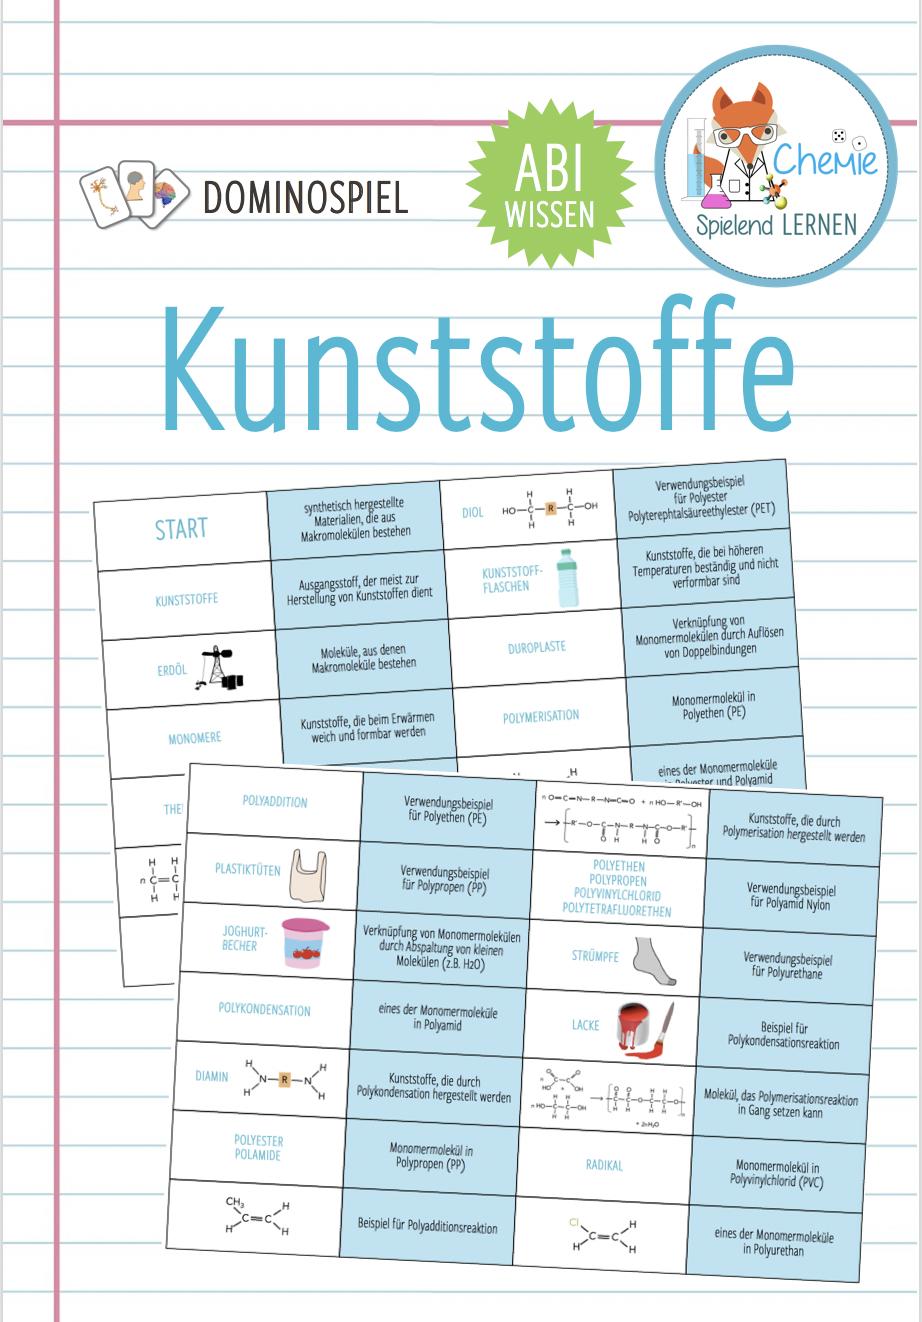 Kunststoffe Domino Spiel Abitur Unterrichtsmaterial Im Fach Chemie In 2020 Domino Spiele Domino Chemie